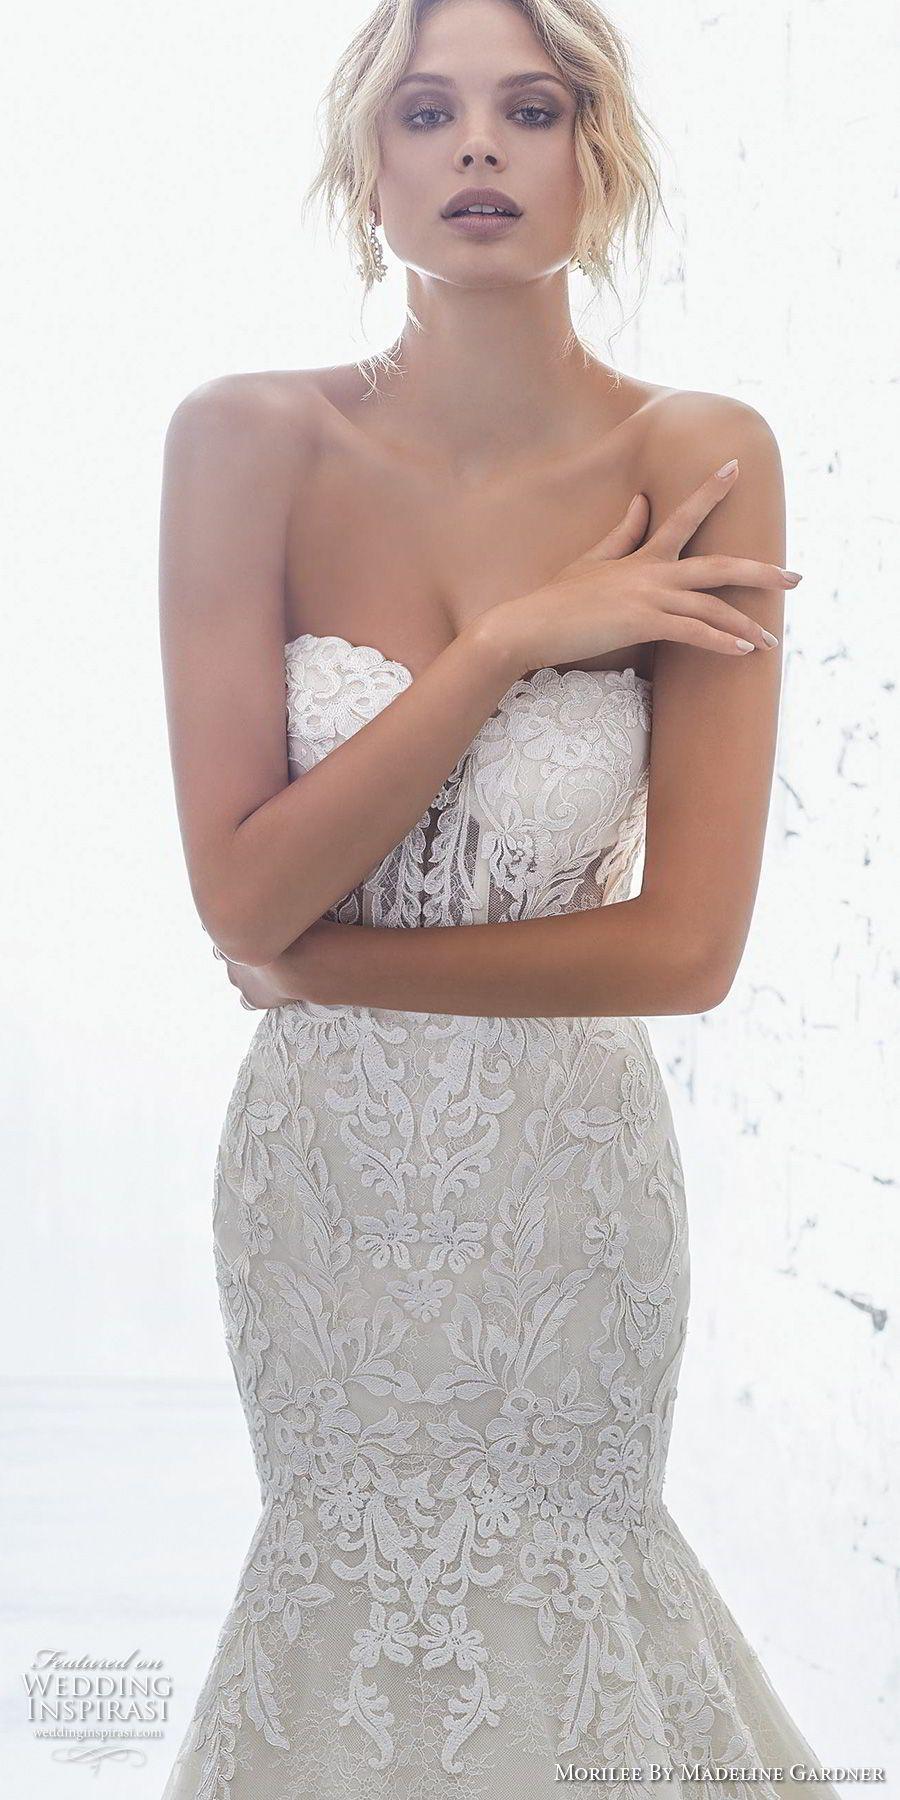 Grey mermaid wedding dress  morilee  bridal strapless sweetheart neckline full embellishment